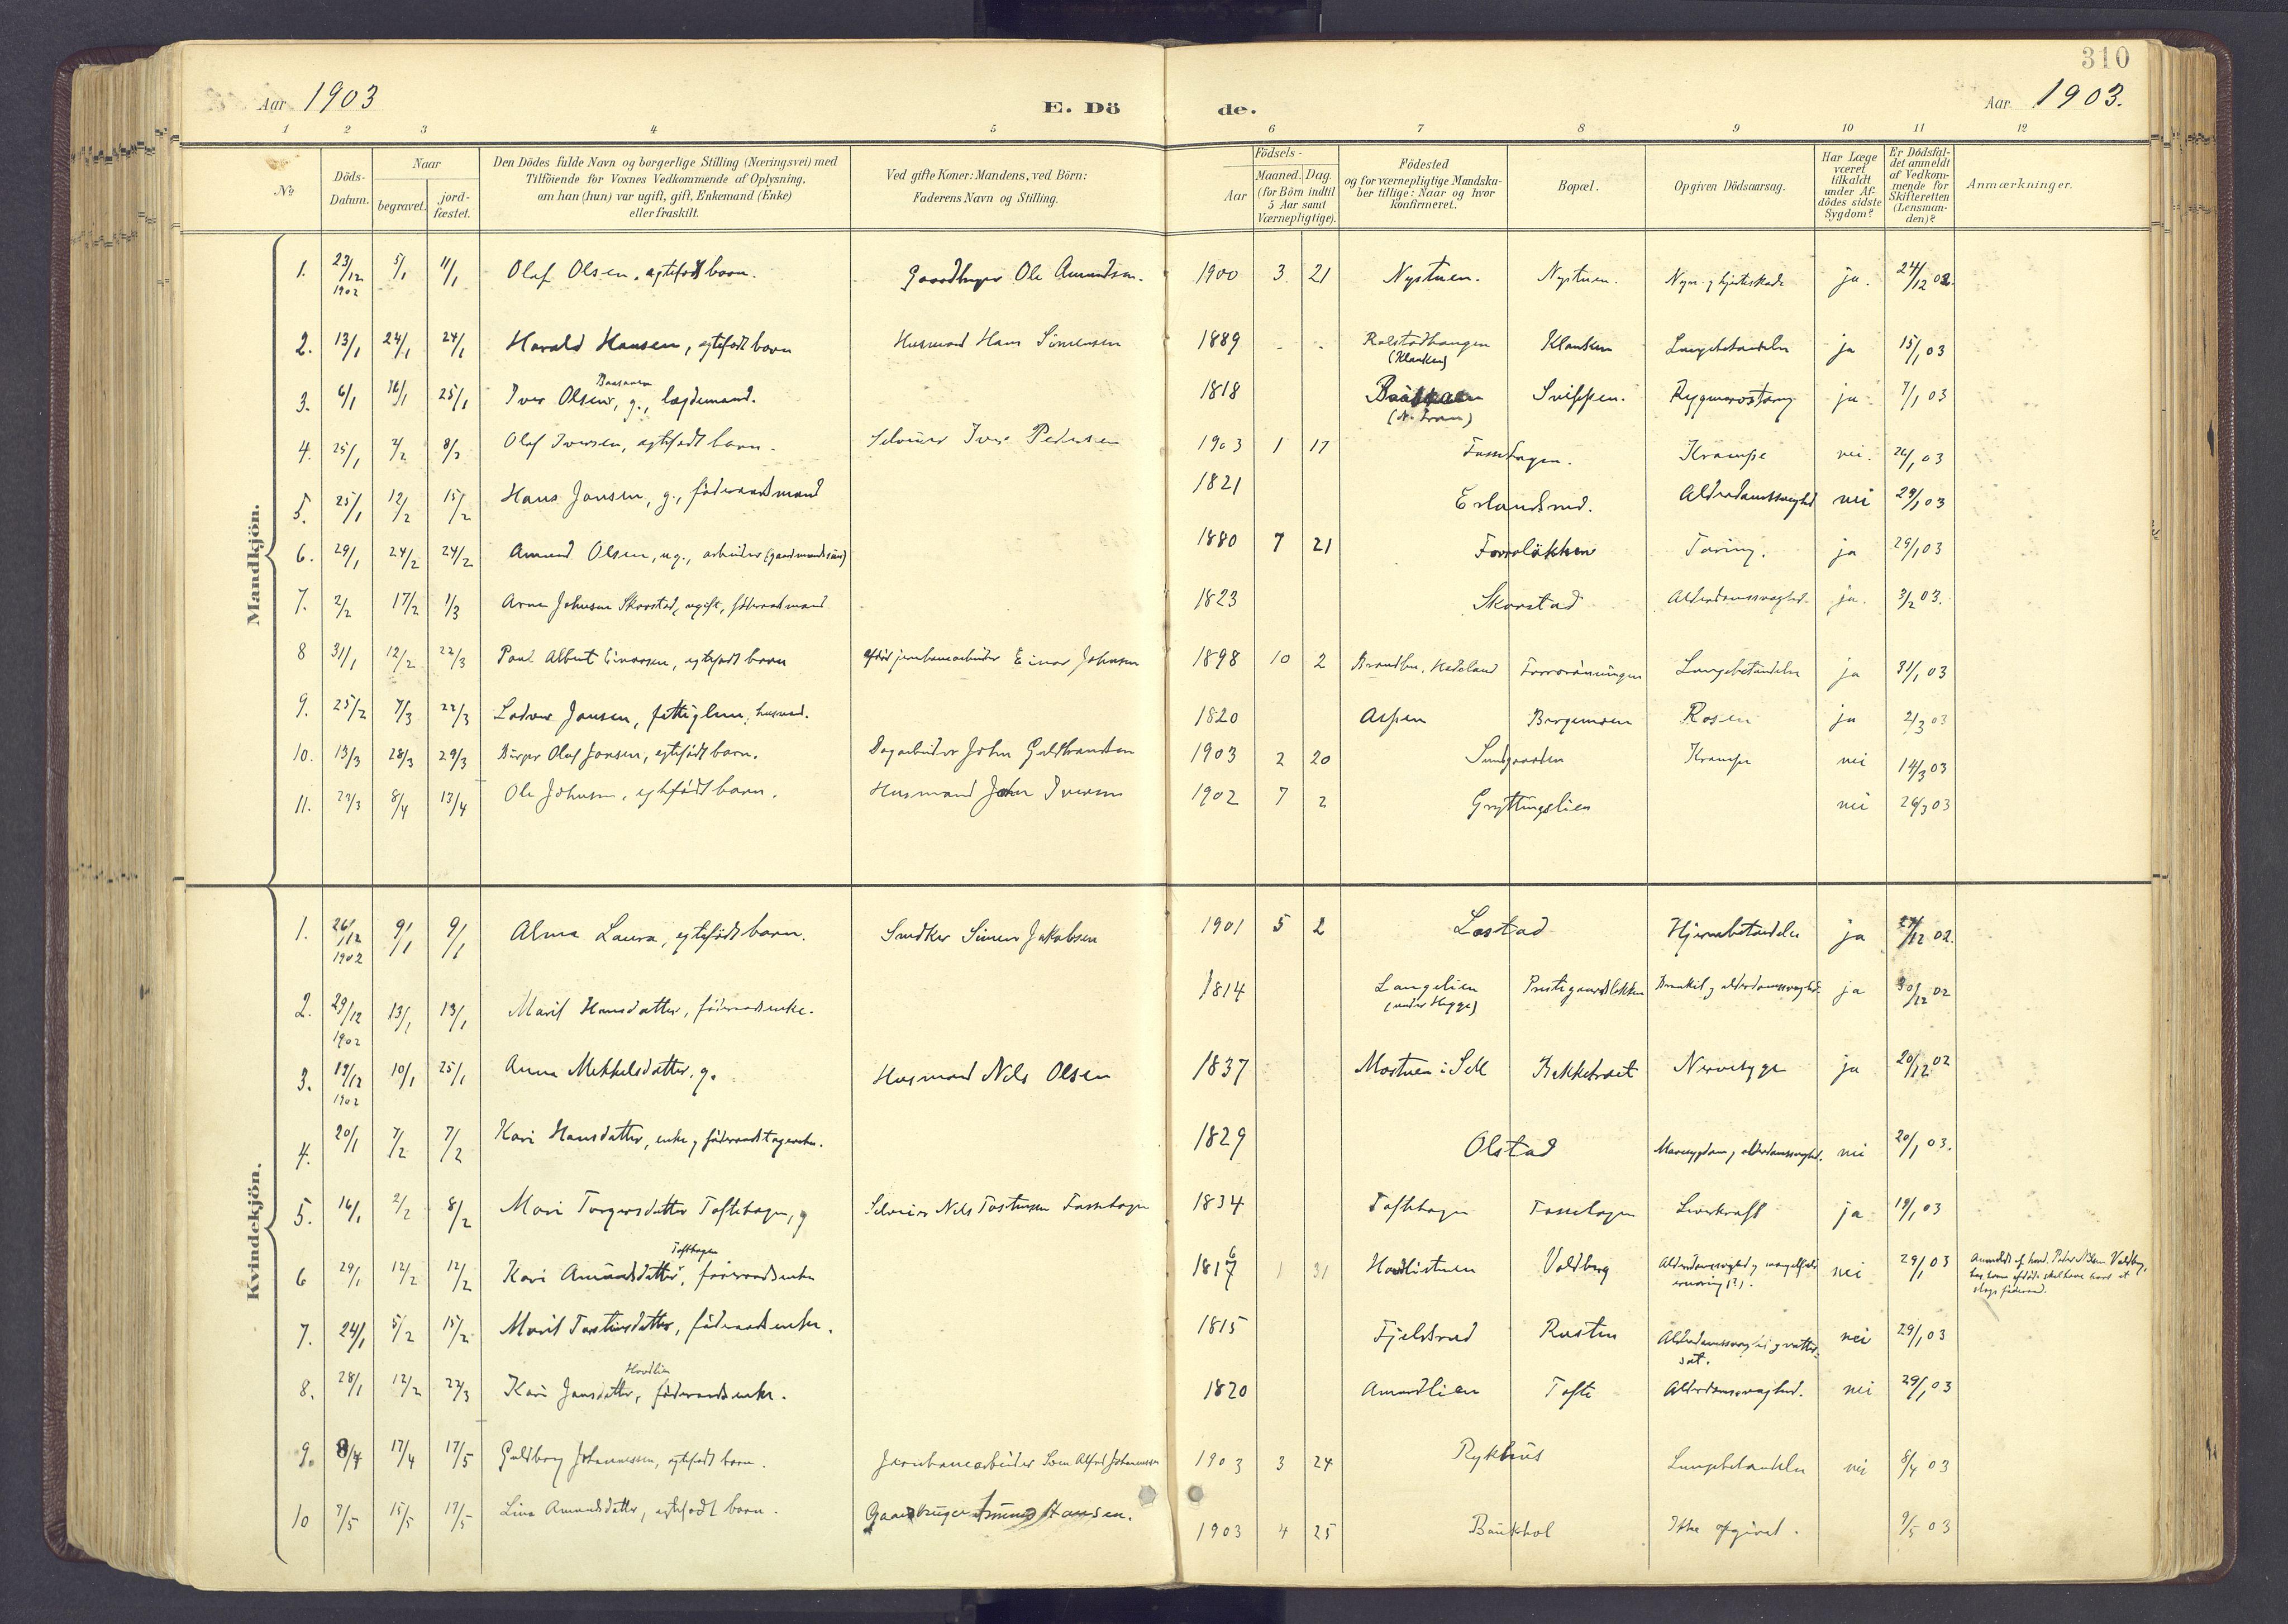 SAH, Sør-Fron prestekontor, H/Ha/Haa/L0004: Ministerialbok nr. 4, 1898-1919, s. 310